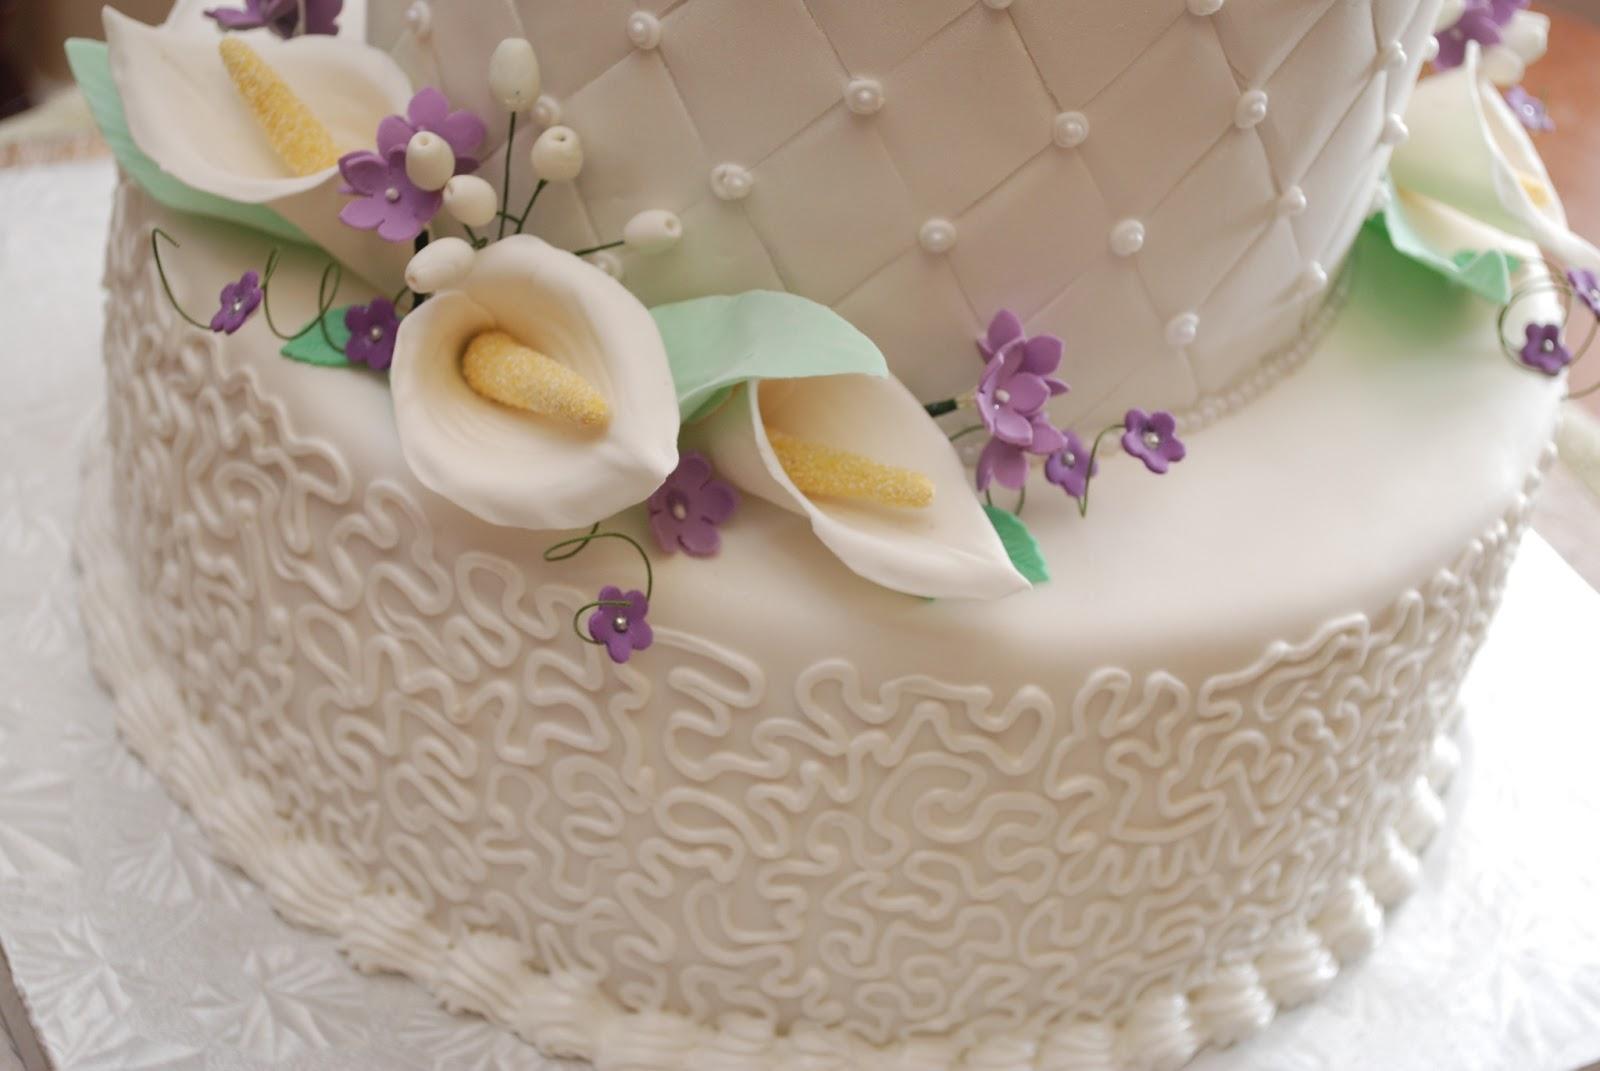 MyEyeQ: Wedding Cake Adventures Part 5